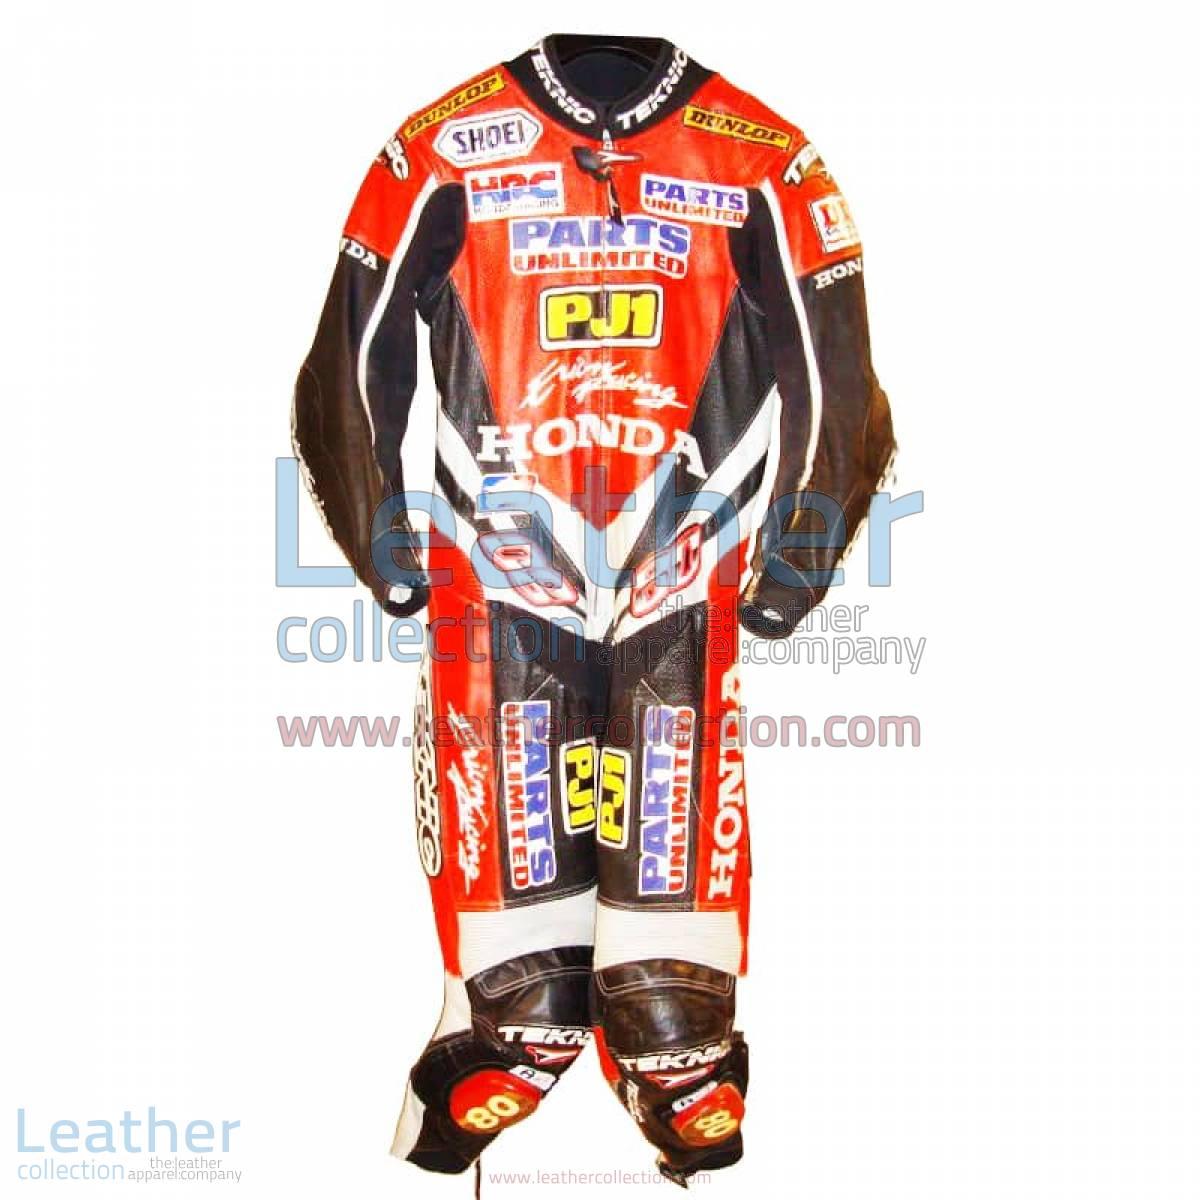 Kurtis Roberts Honda AMA Race Suit | honda race suit